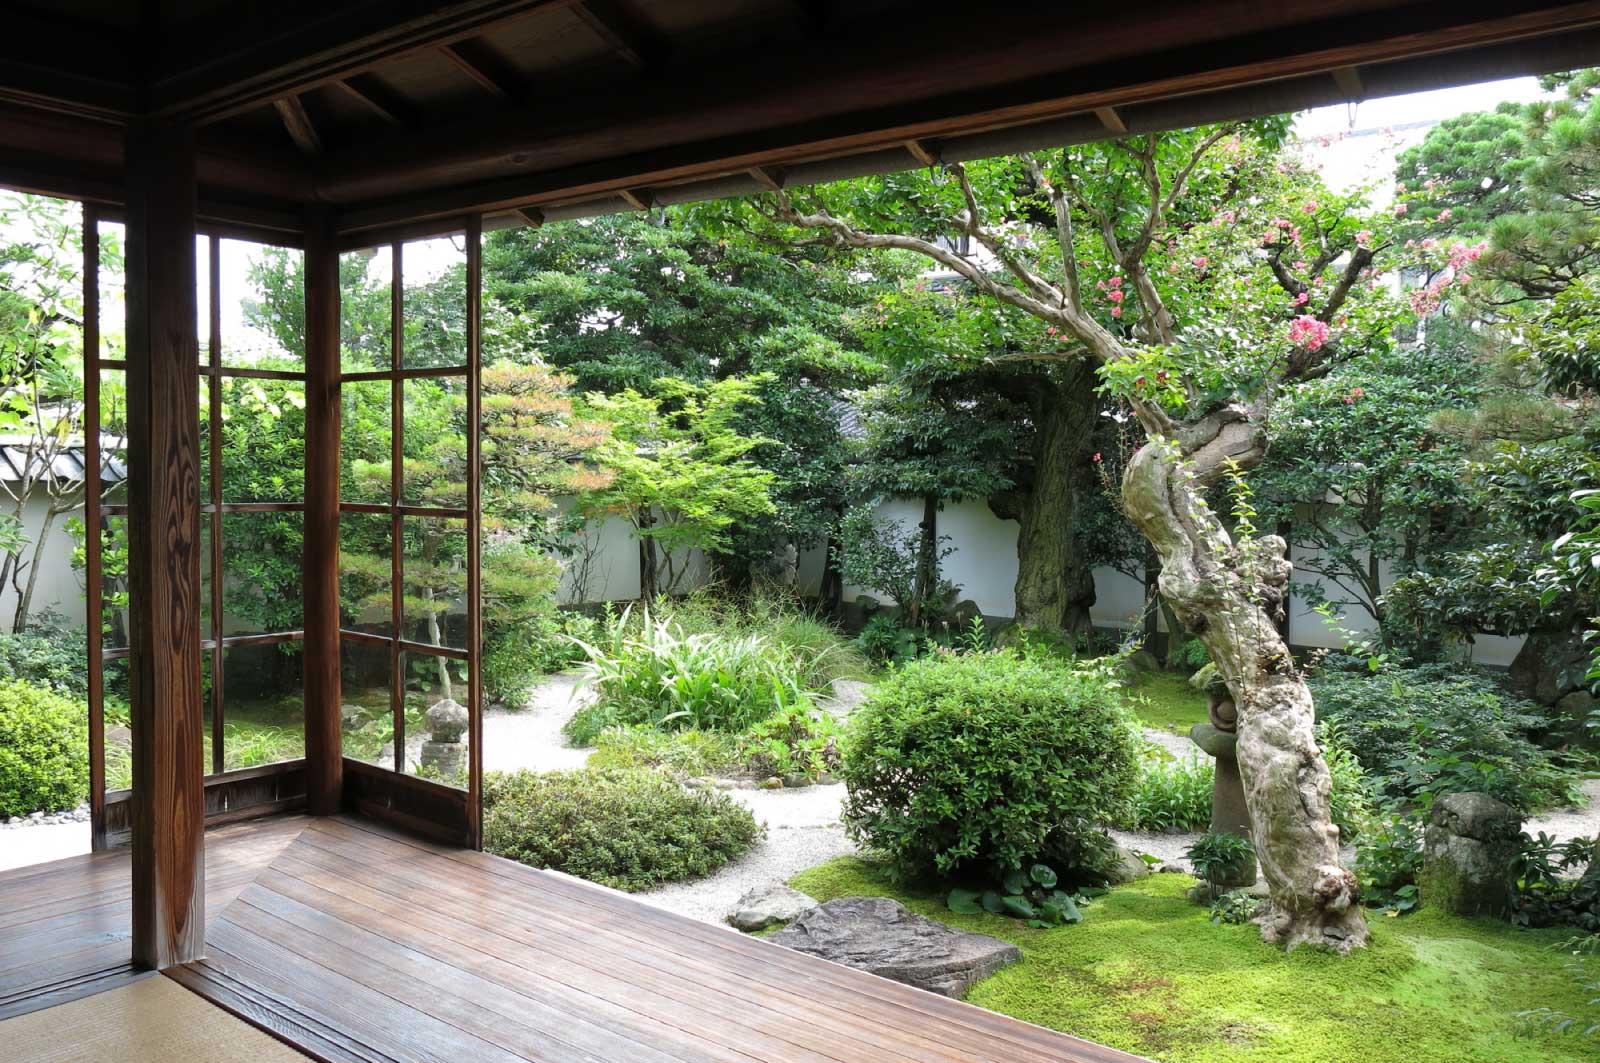 小泉八雲旧居の庭